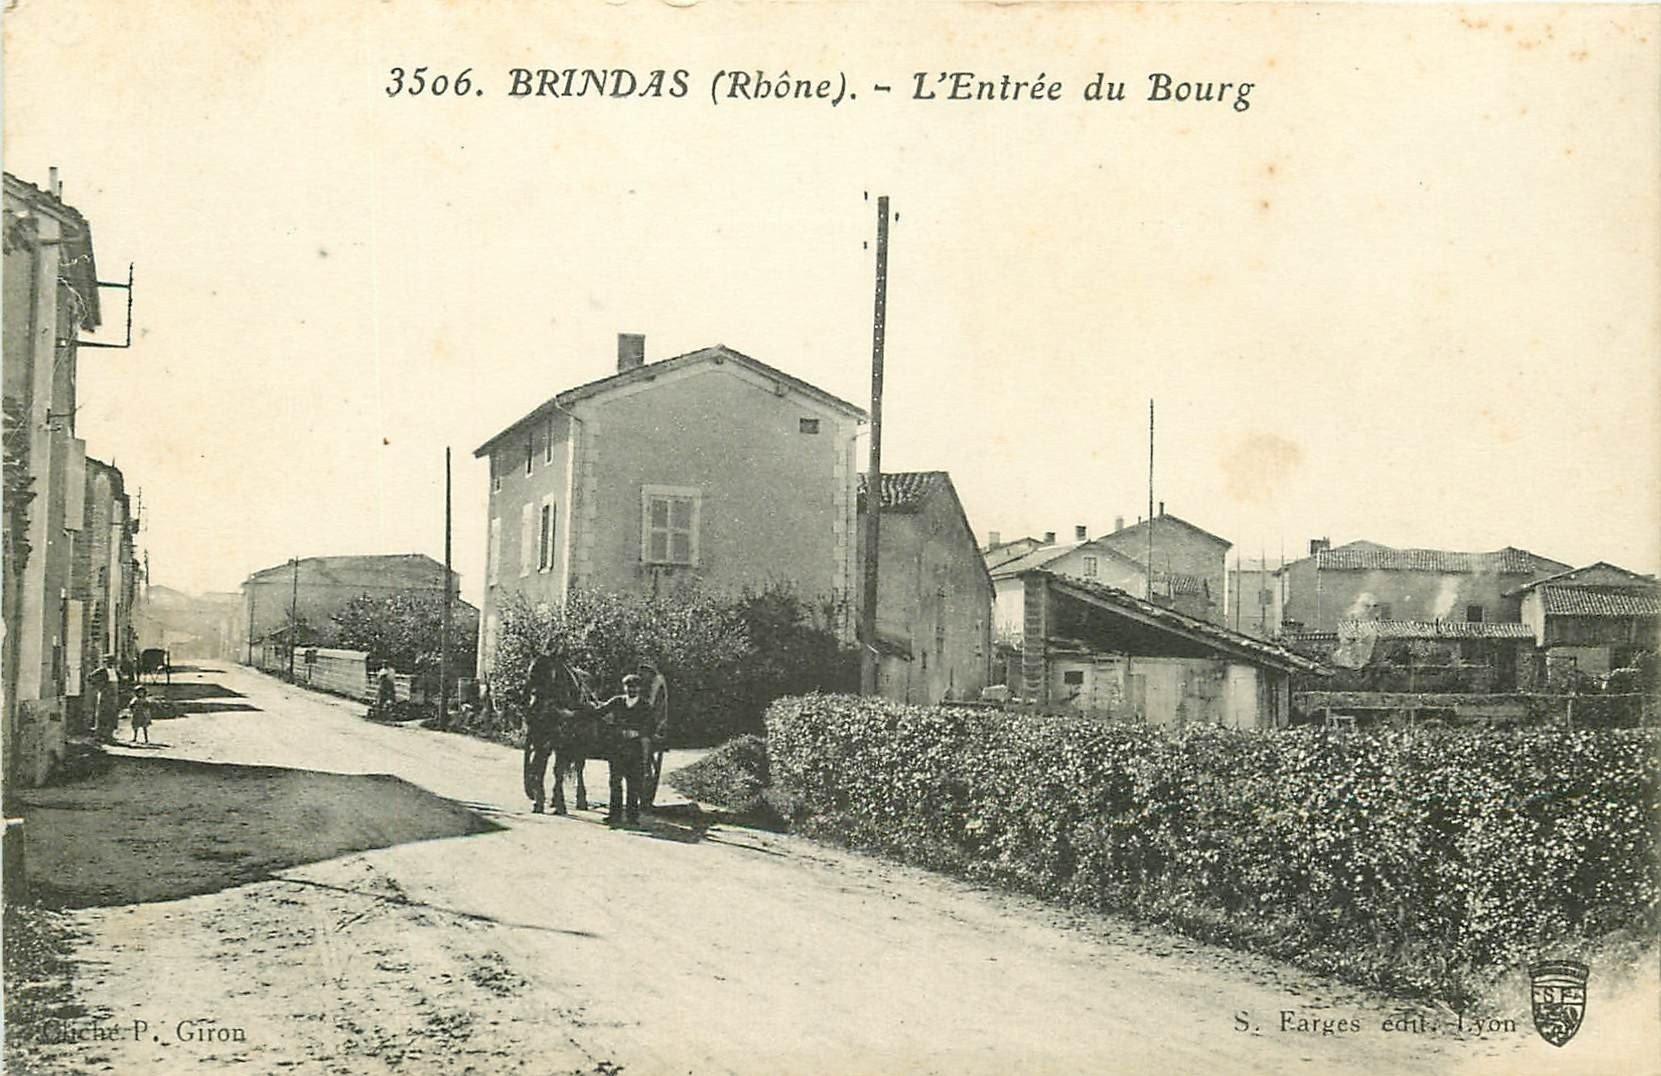 69 BRINDAS. Attelage à l'Entrée du Bourg 1915